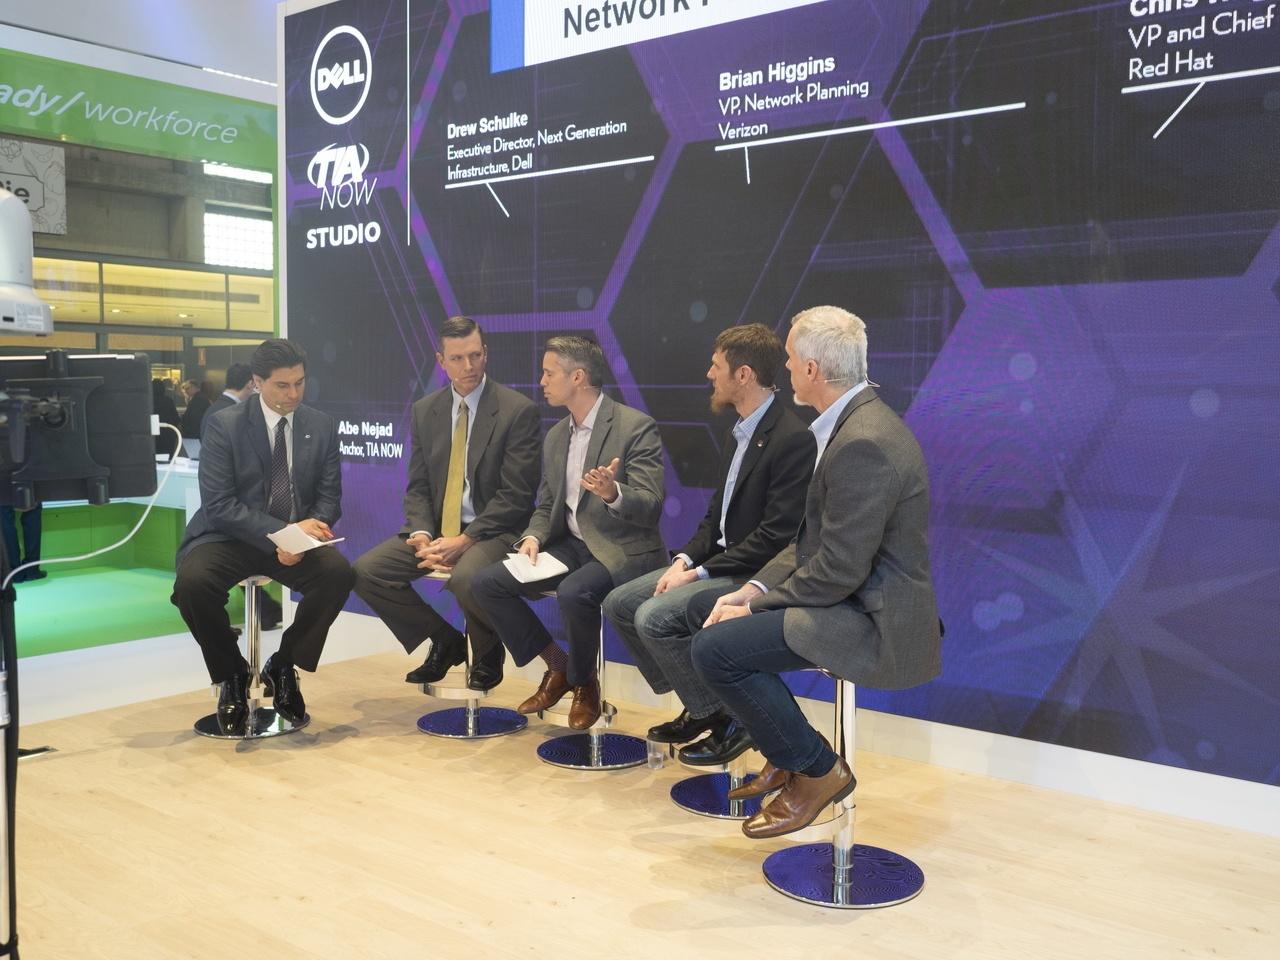 Dell на Mobile World Congress: подготовка к эпохе IoT, модульные дата-центры, OEM-решения и защищенный планшет - 6